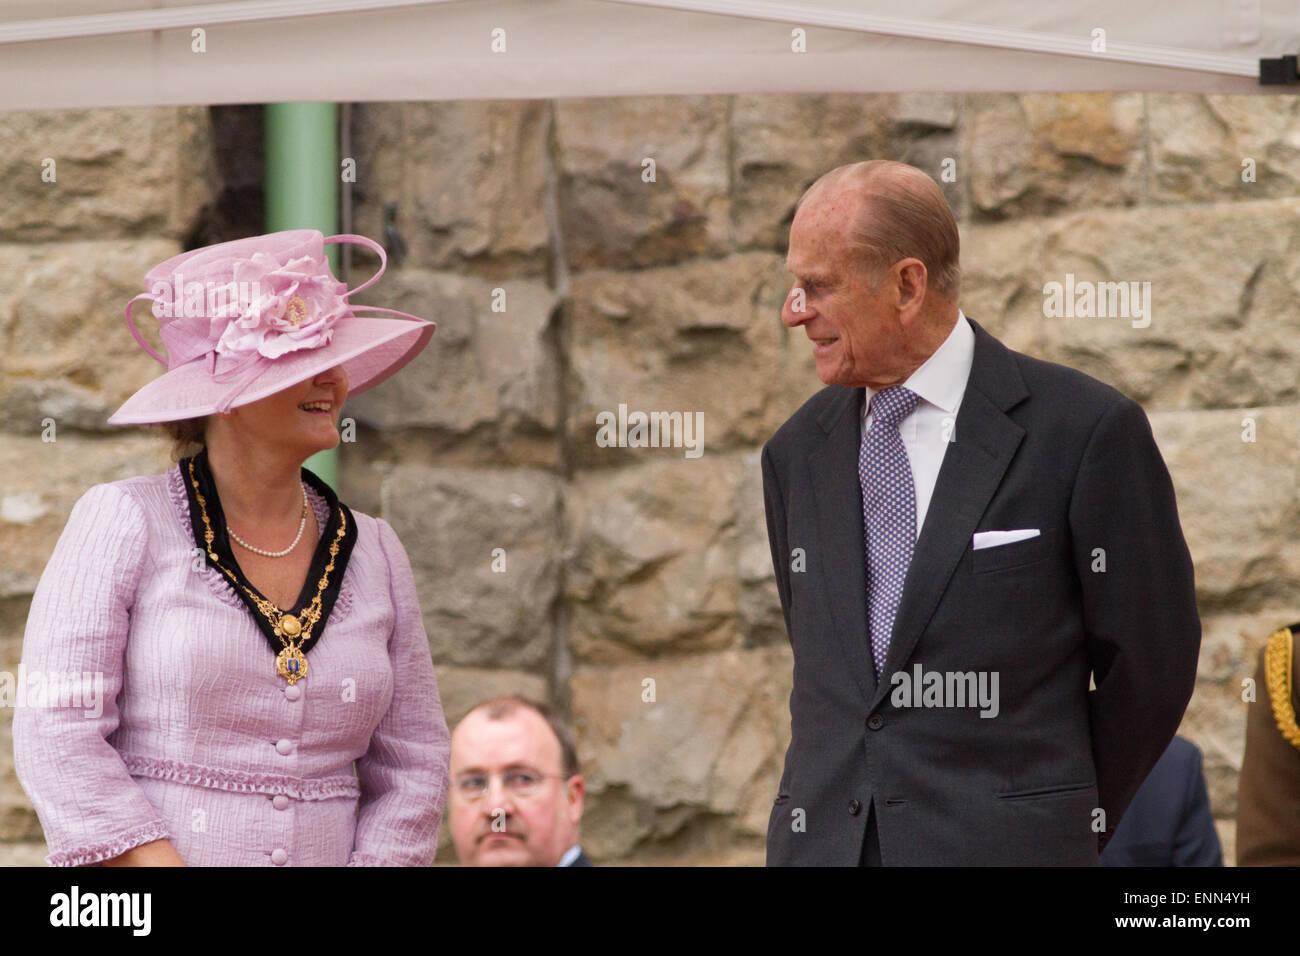 El Duque de Edimburgo H.R.H visitando Cyfarthfa Castle en Merthyr Tydfil, Gales del Sur, como parte de la gira del Imagen De Stock